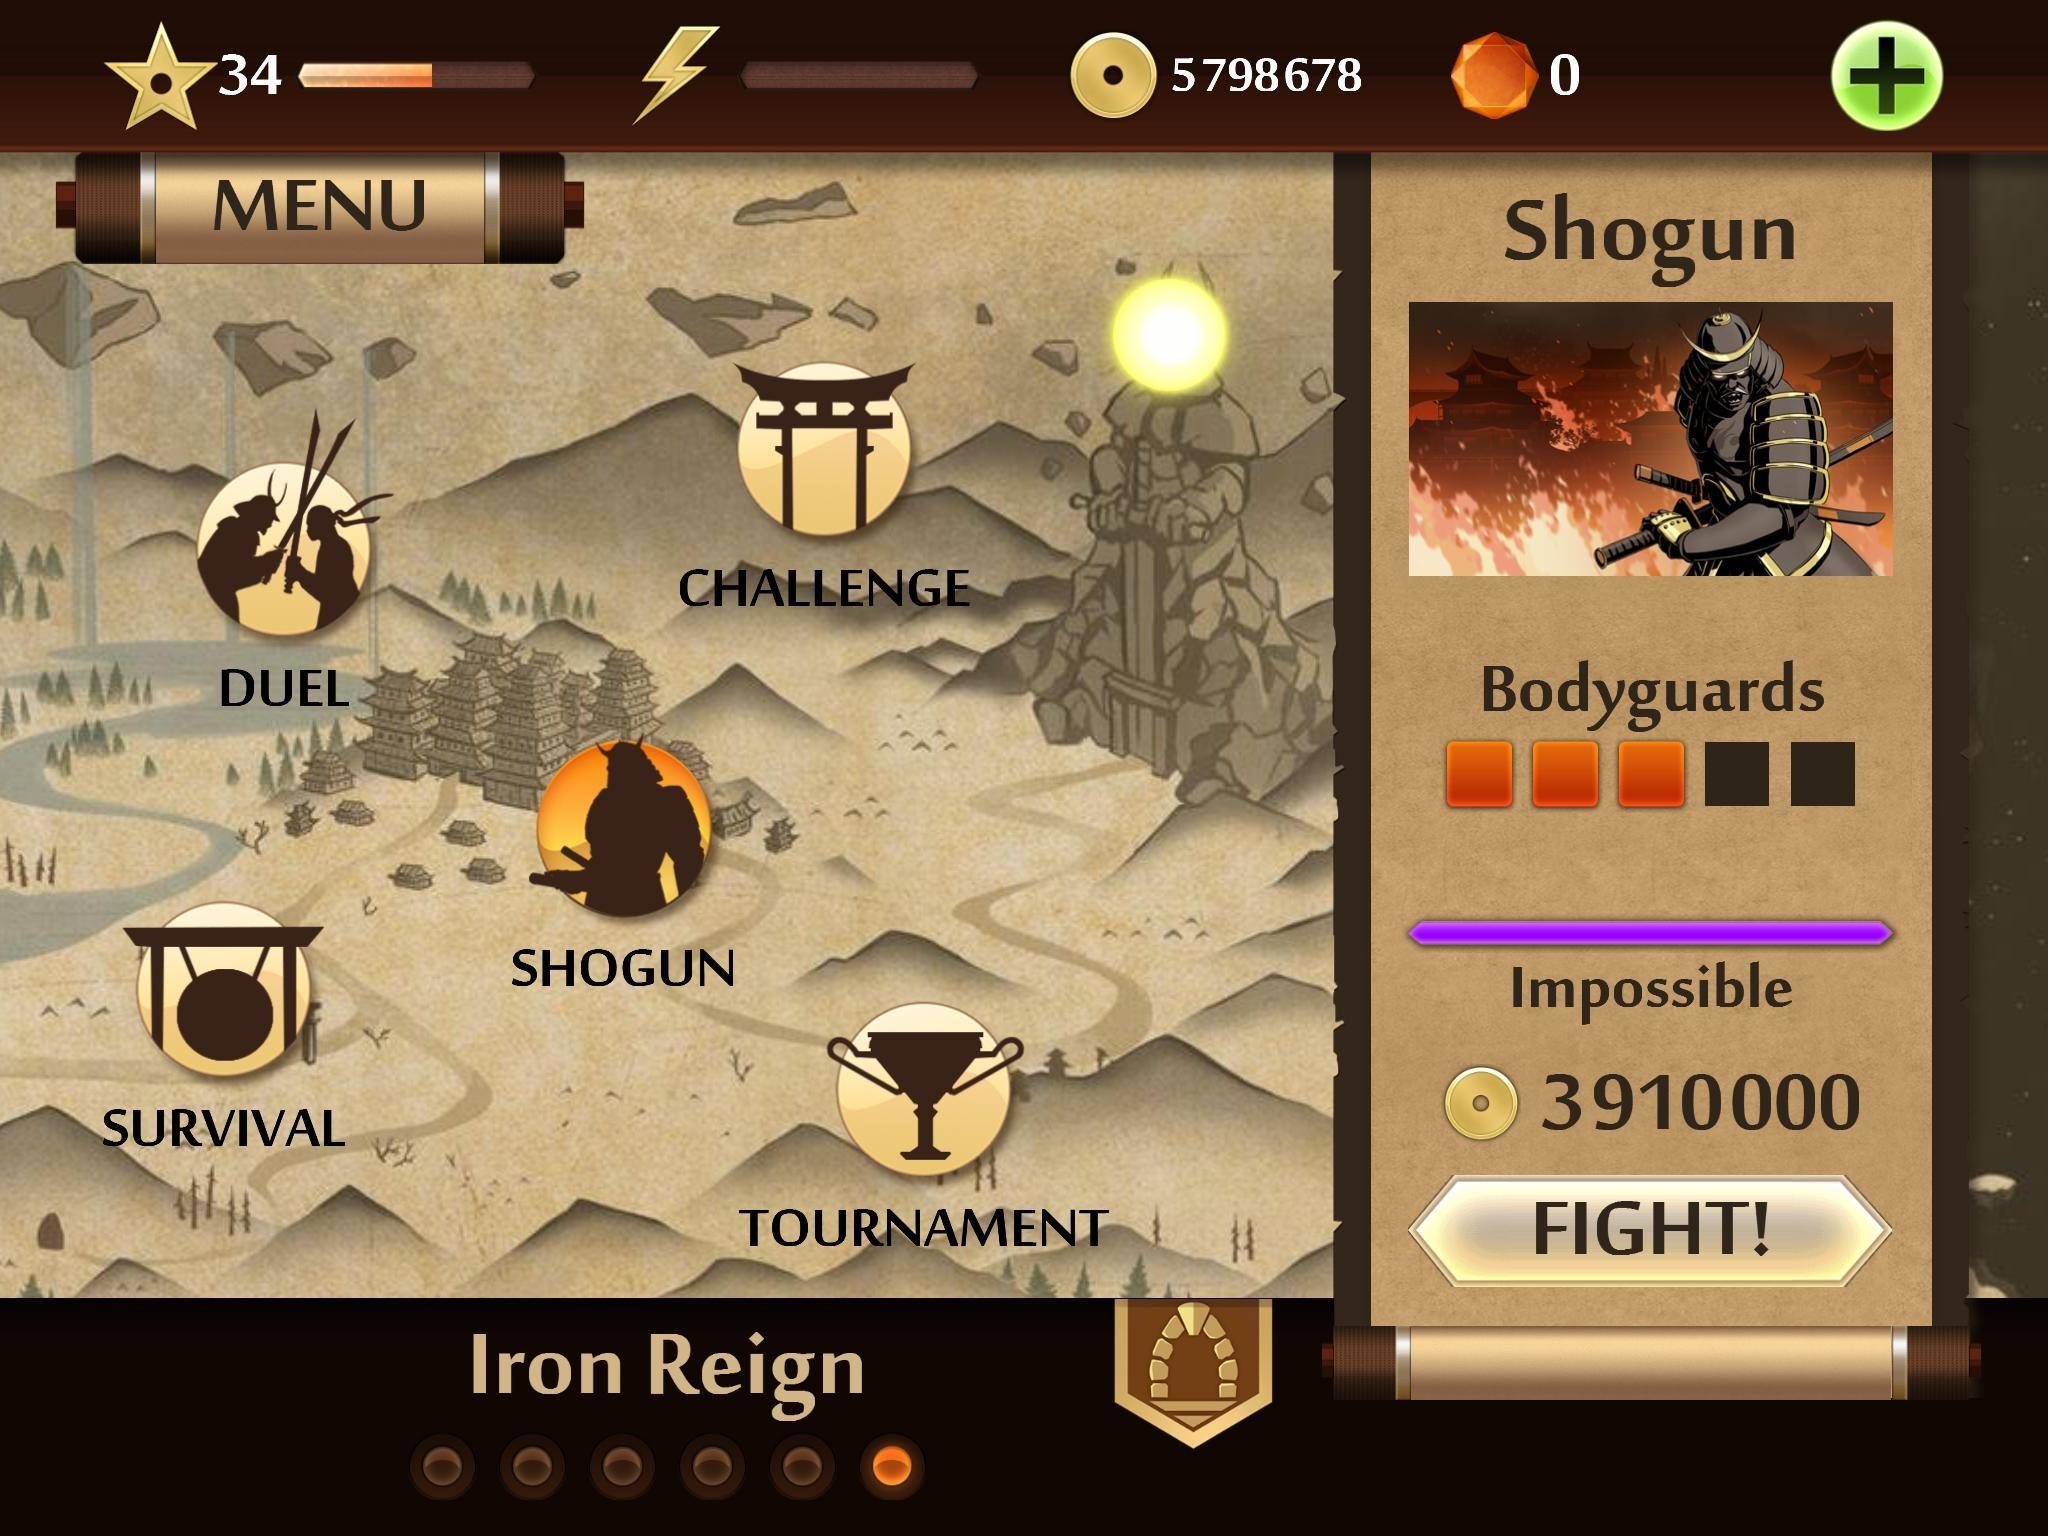 Shadow Fight 2 Shogun Wallpaper - Best Wallpaper Foto In 2019